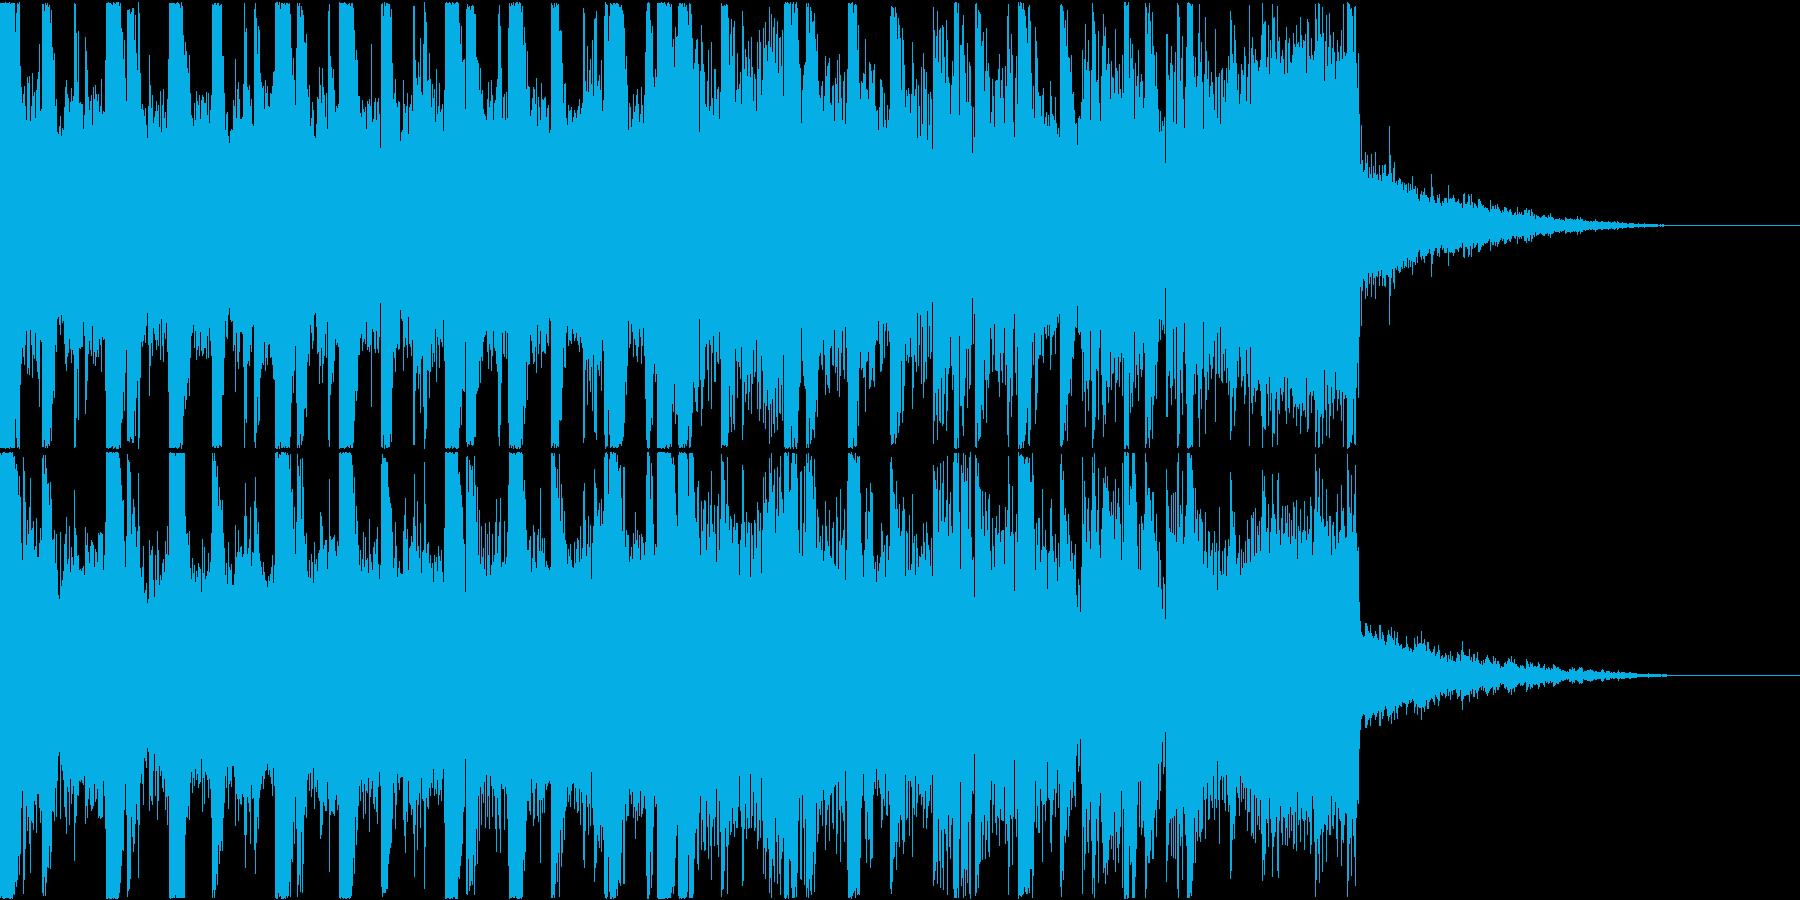 熱いバトル風ジングルの再生済みの波形